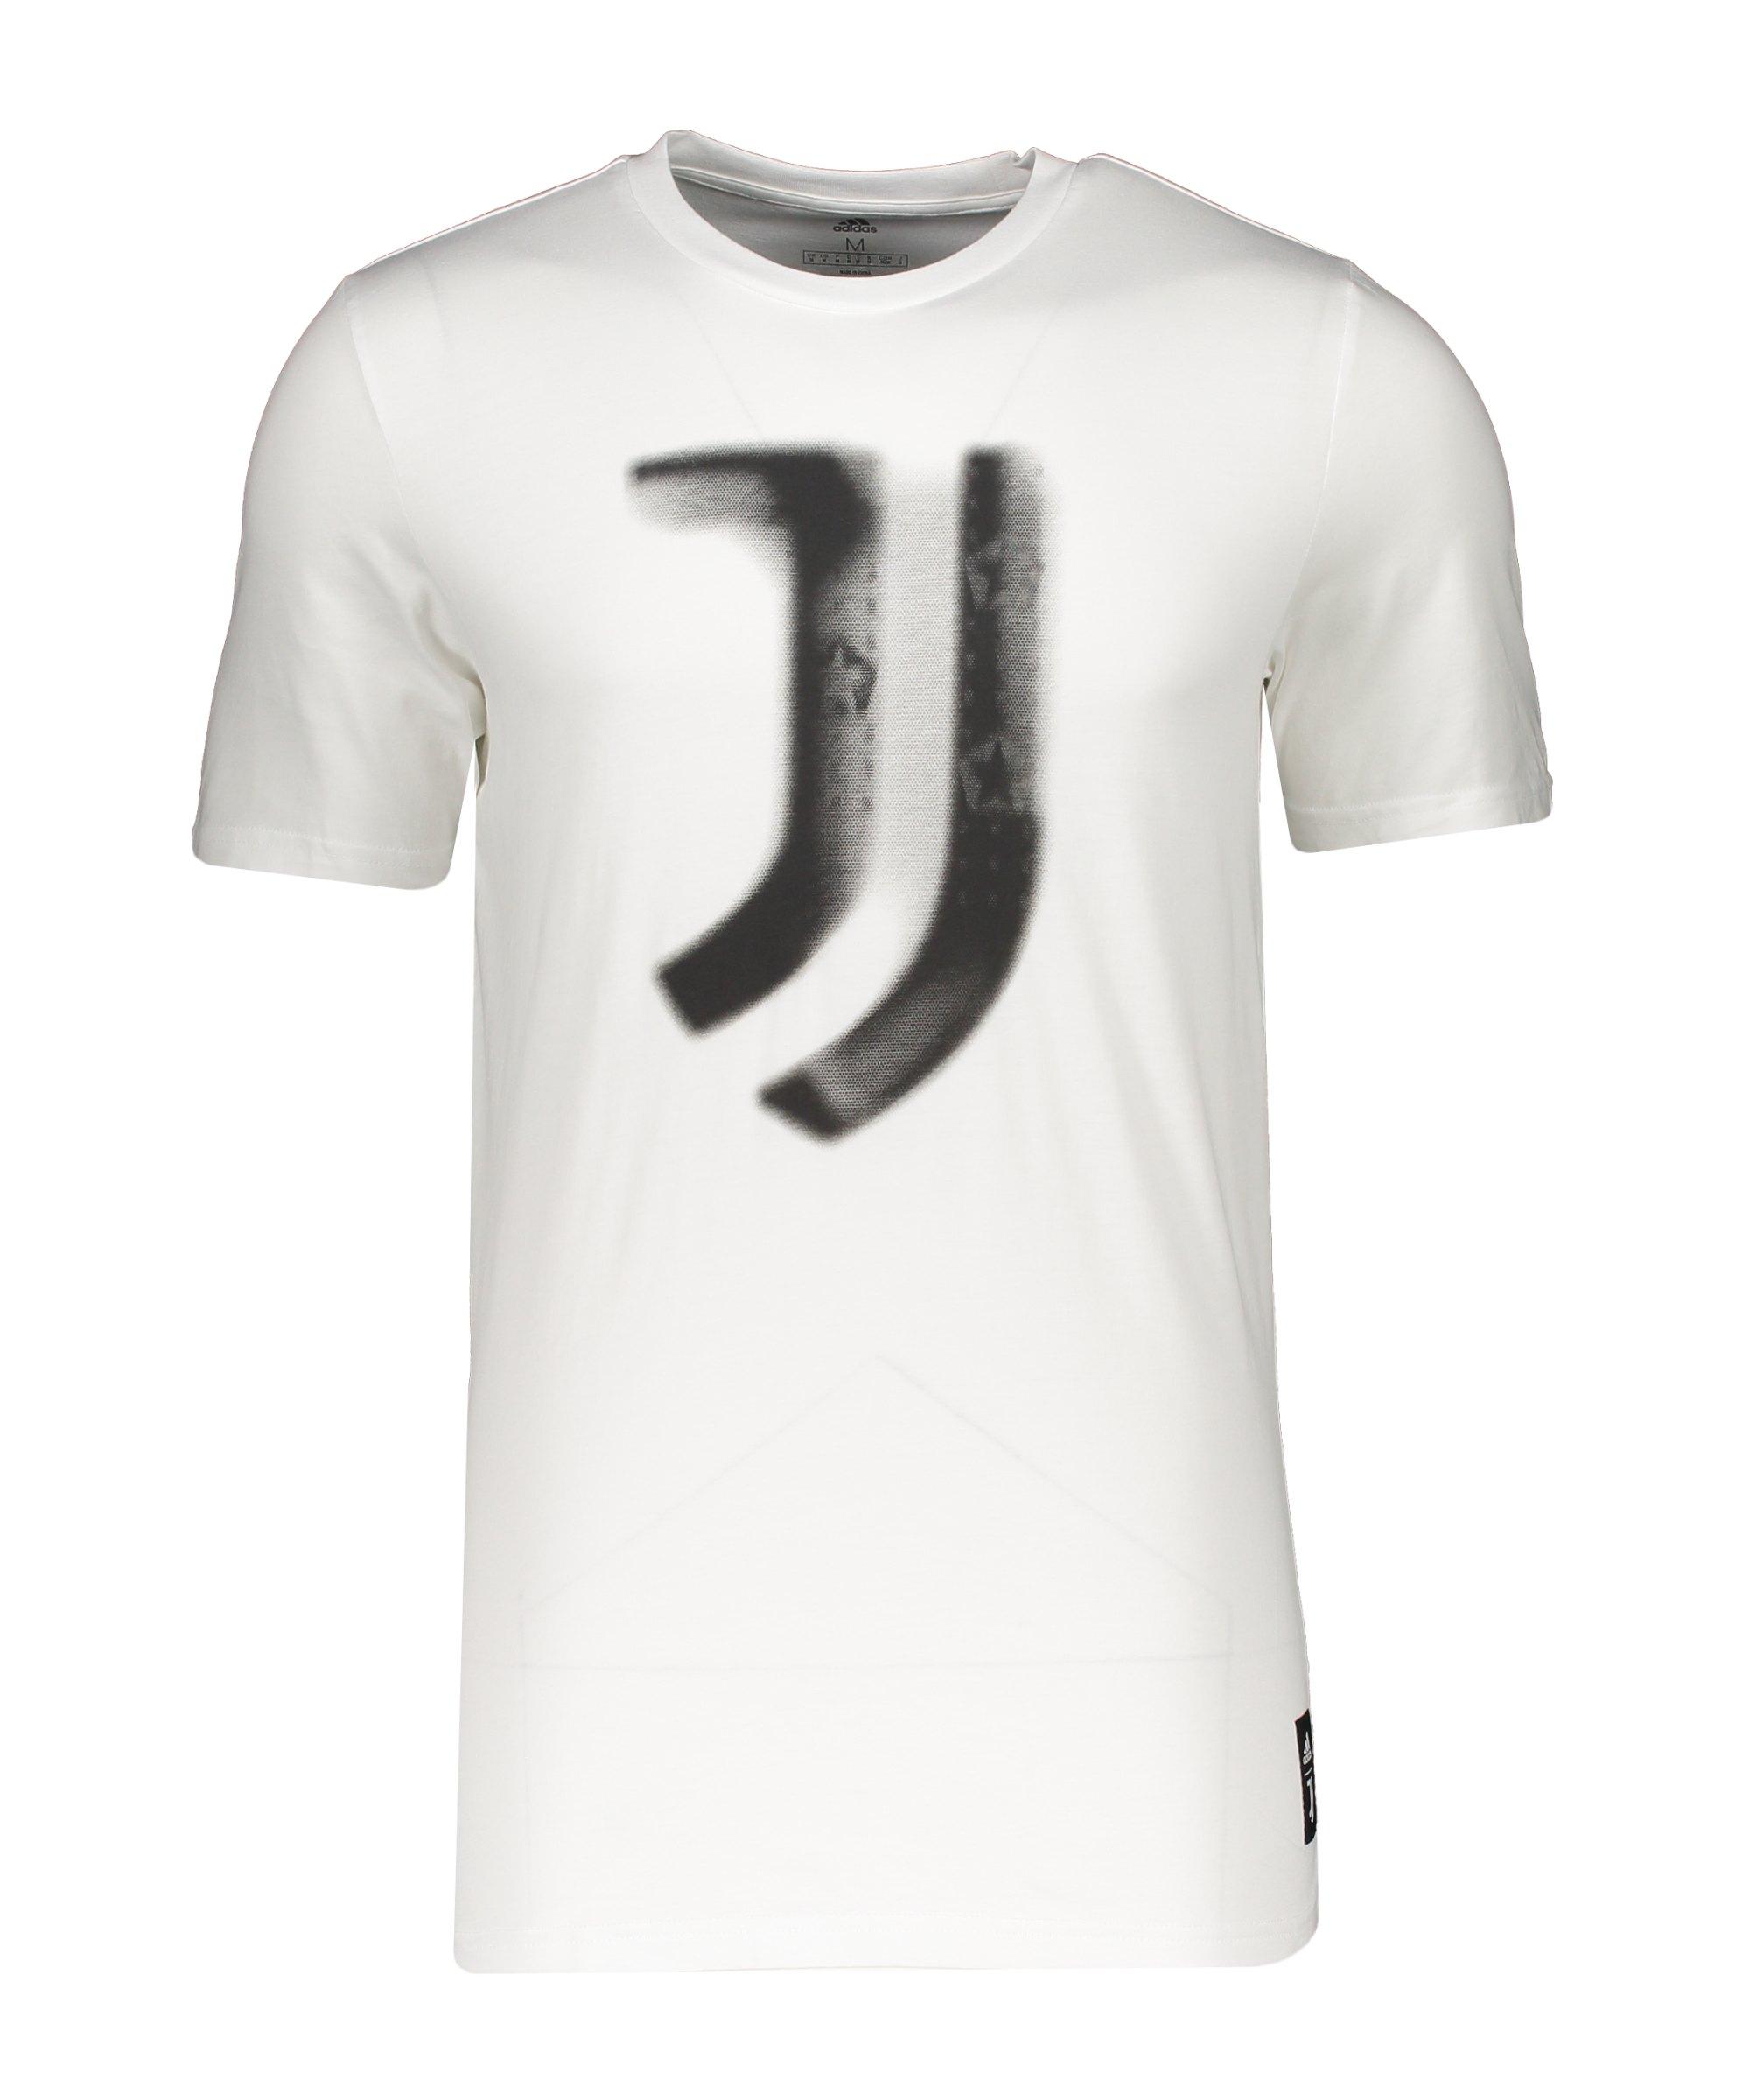 adidas Juventus Turin T-Shirt Weiss - weiss